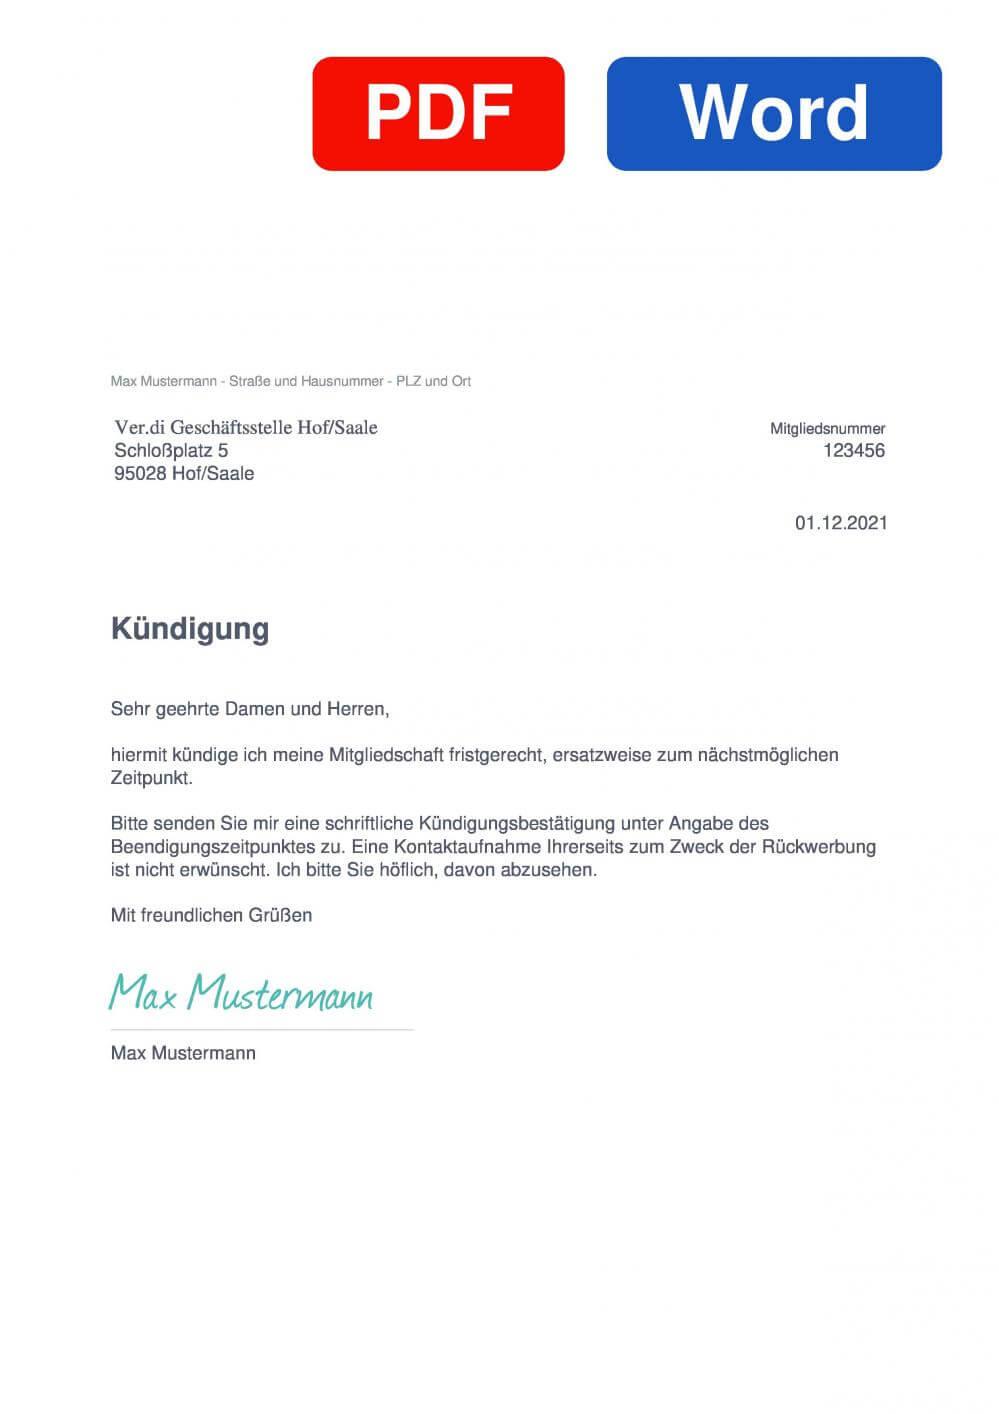 Verdi Hof/Saale Muster Vorlage für Kündigungsschreiben